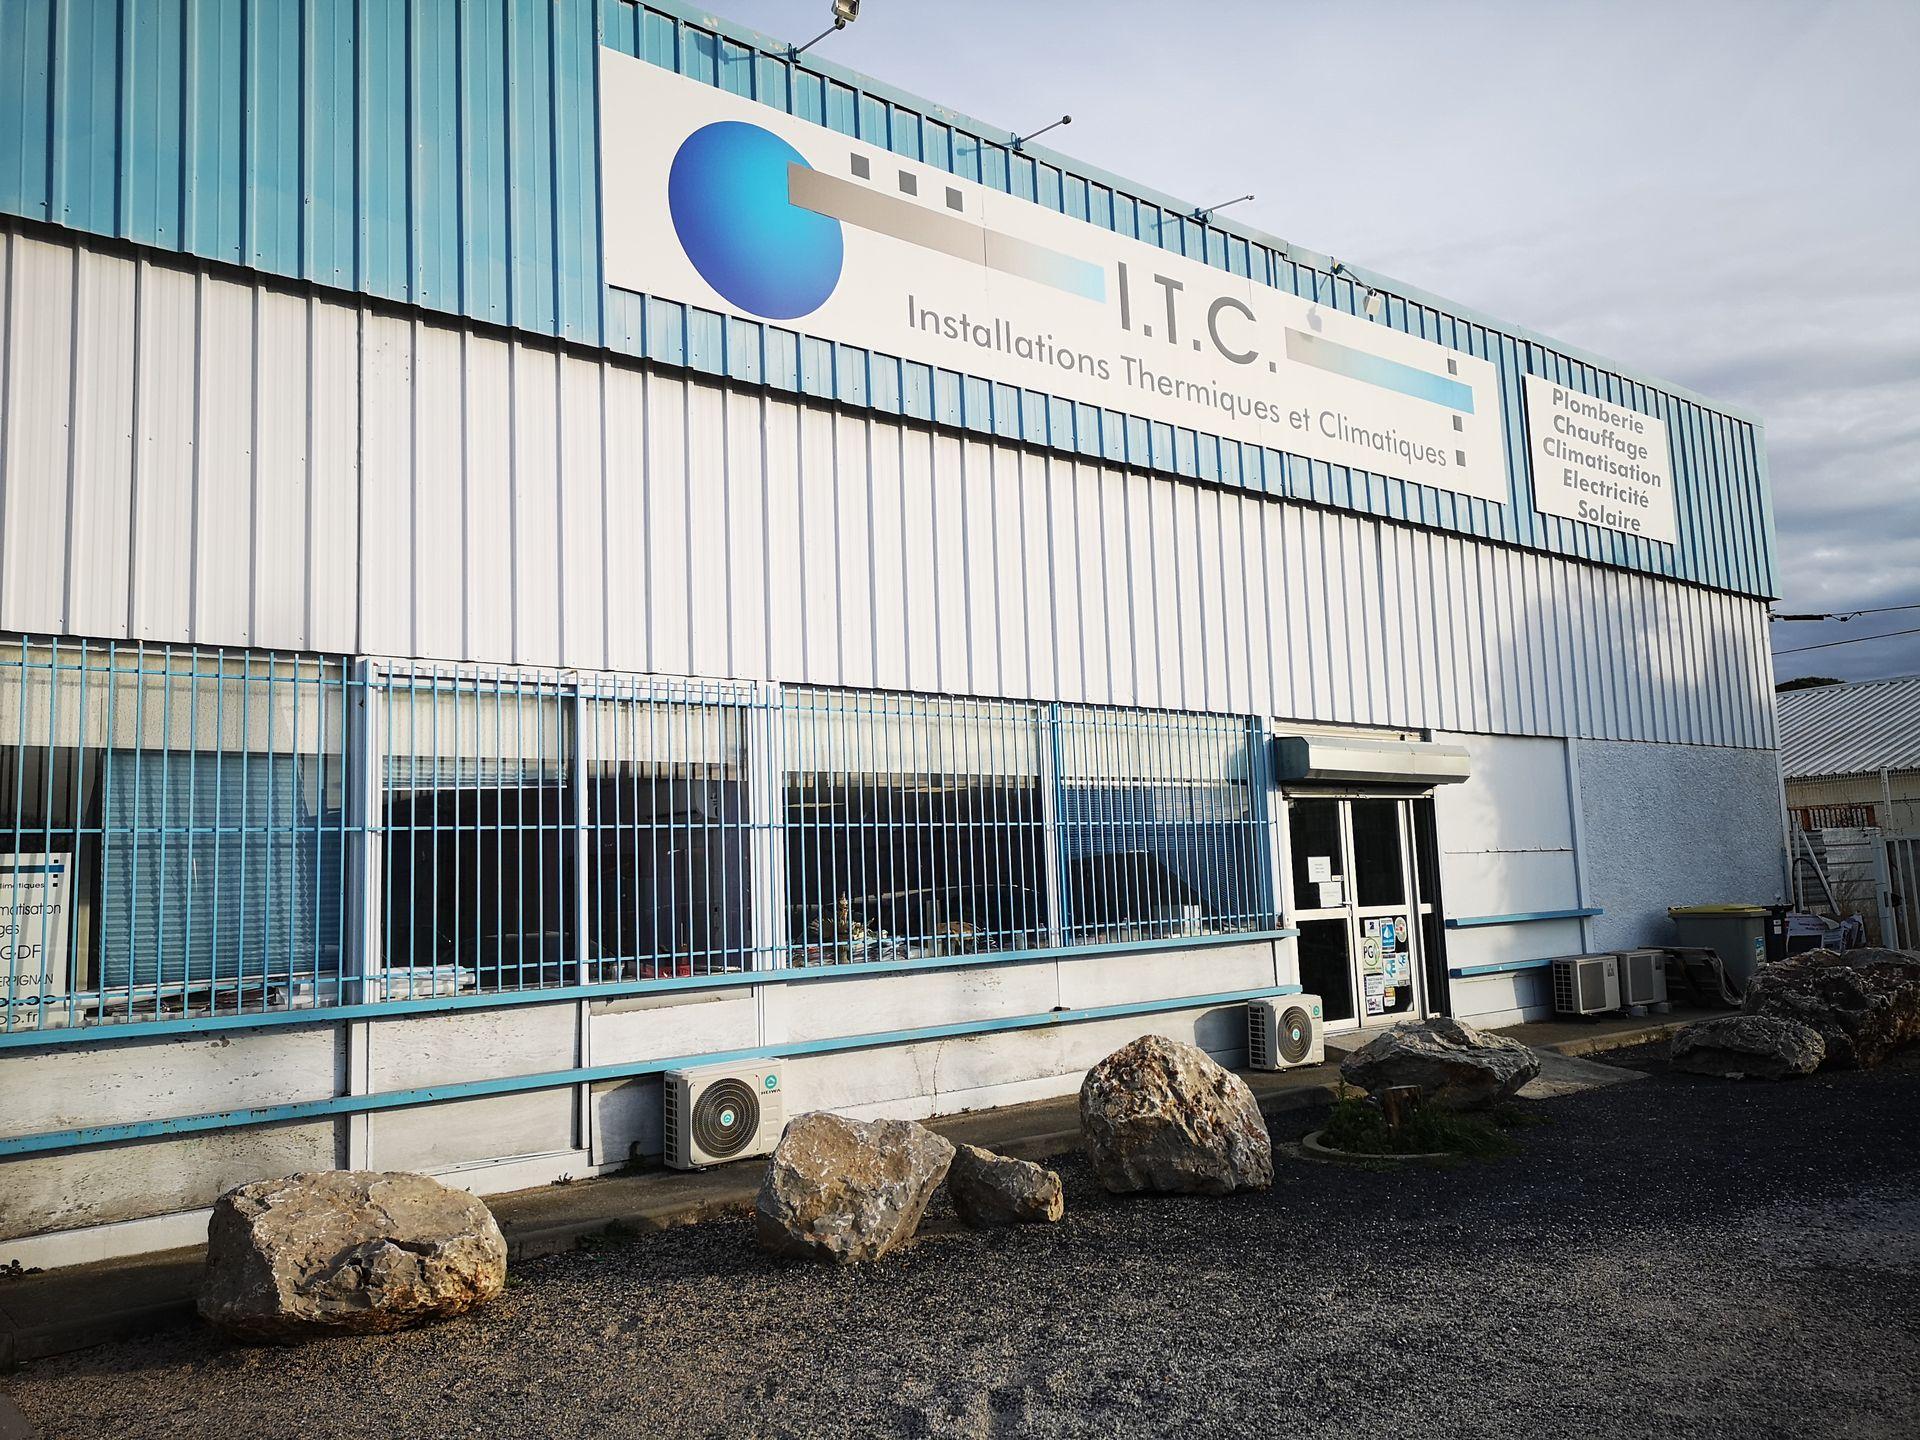 Installation Thermique Et Climatique plombier